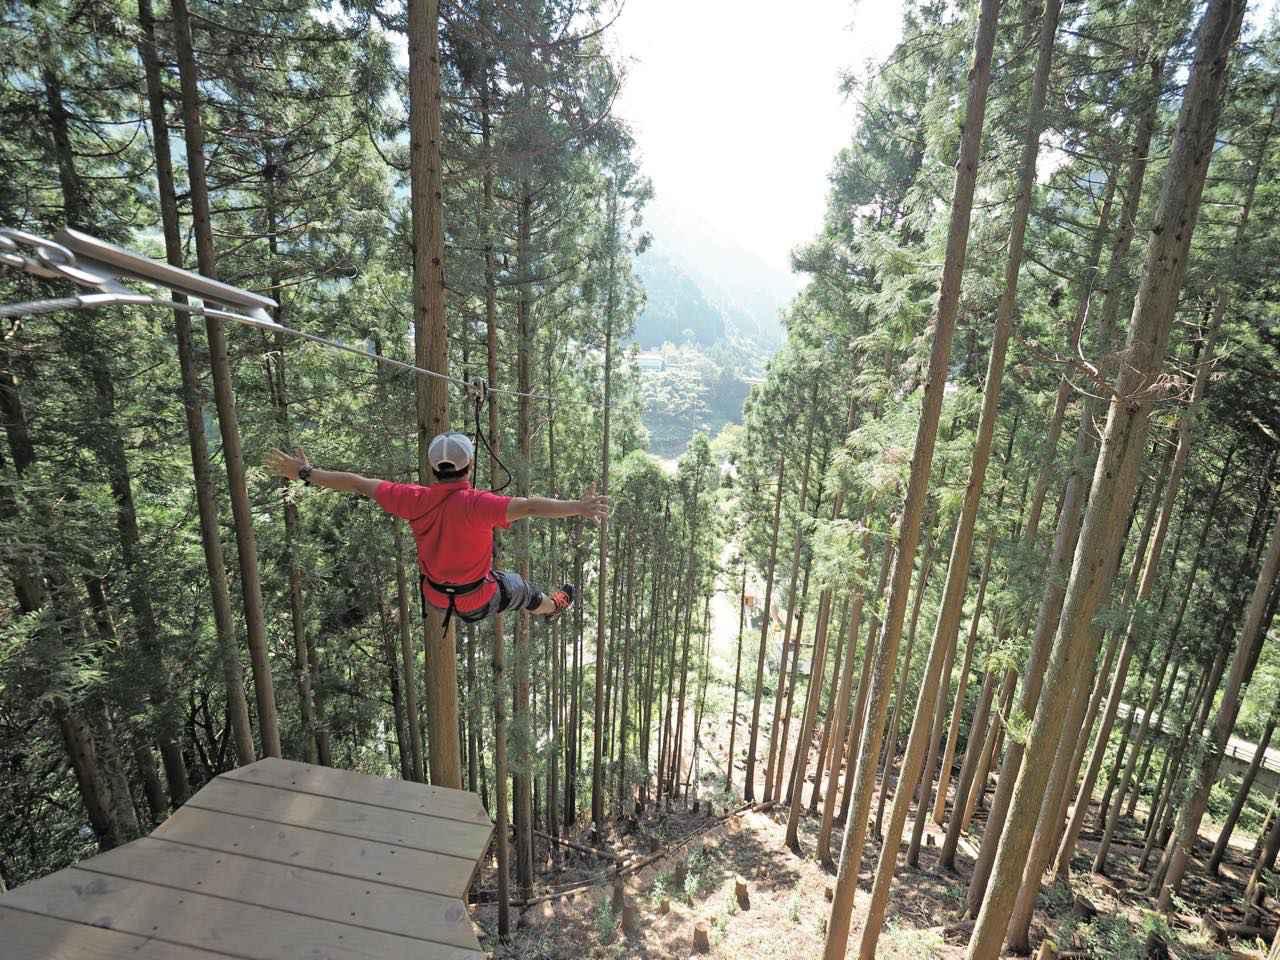 画像3: 『フォレストアドベンチャー・祖谷』でエキサイティングな樹上体験を